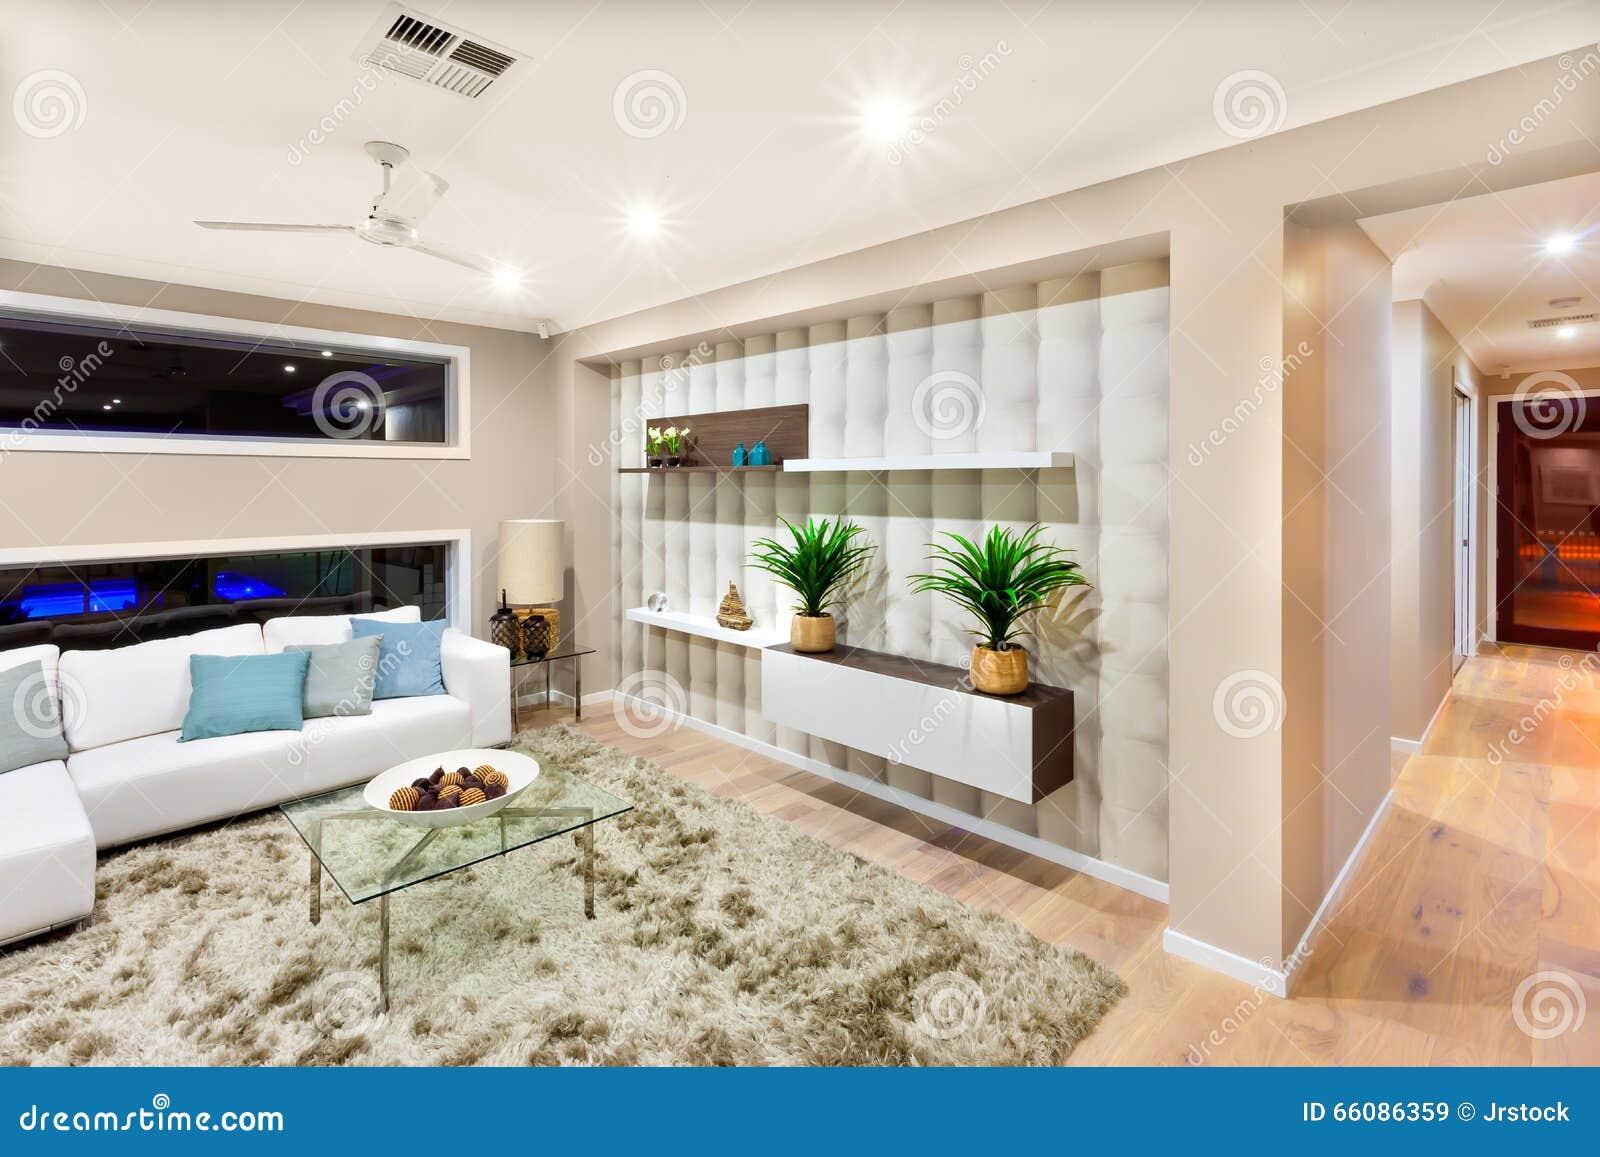 Interior de la sala de estar de una casa lujosa con las luces encendido